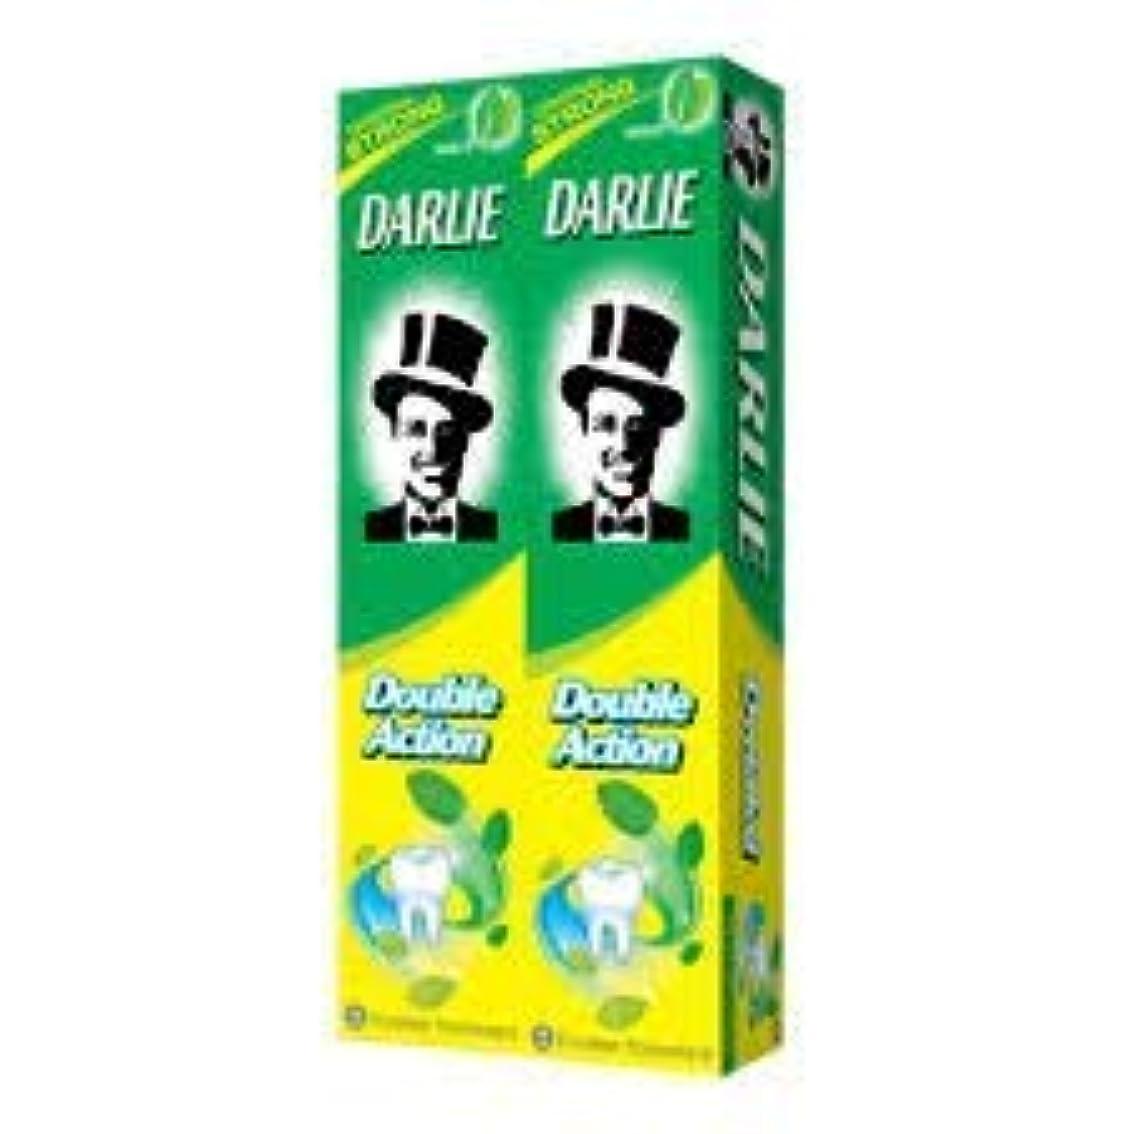 登る売り手見る人DARLIE 歯磨き粉2×225gの複動GWPは、より永続的な新鮮な息12時間-gives - 口腔細菌を減少させるのに有効